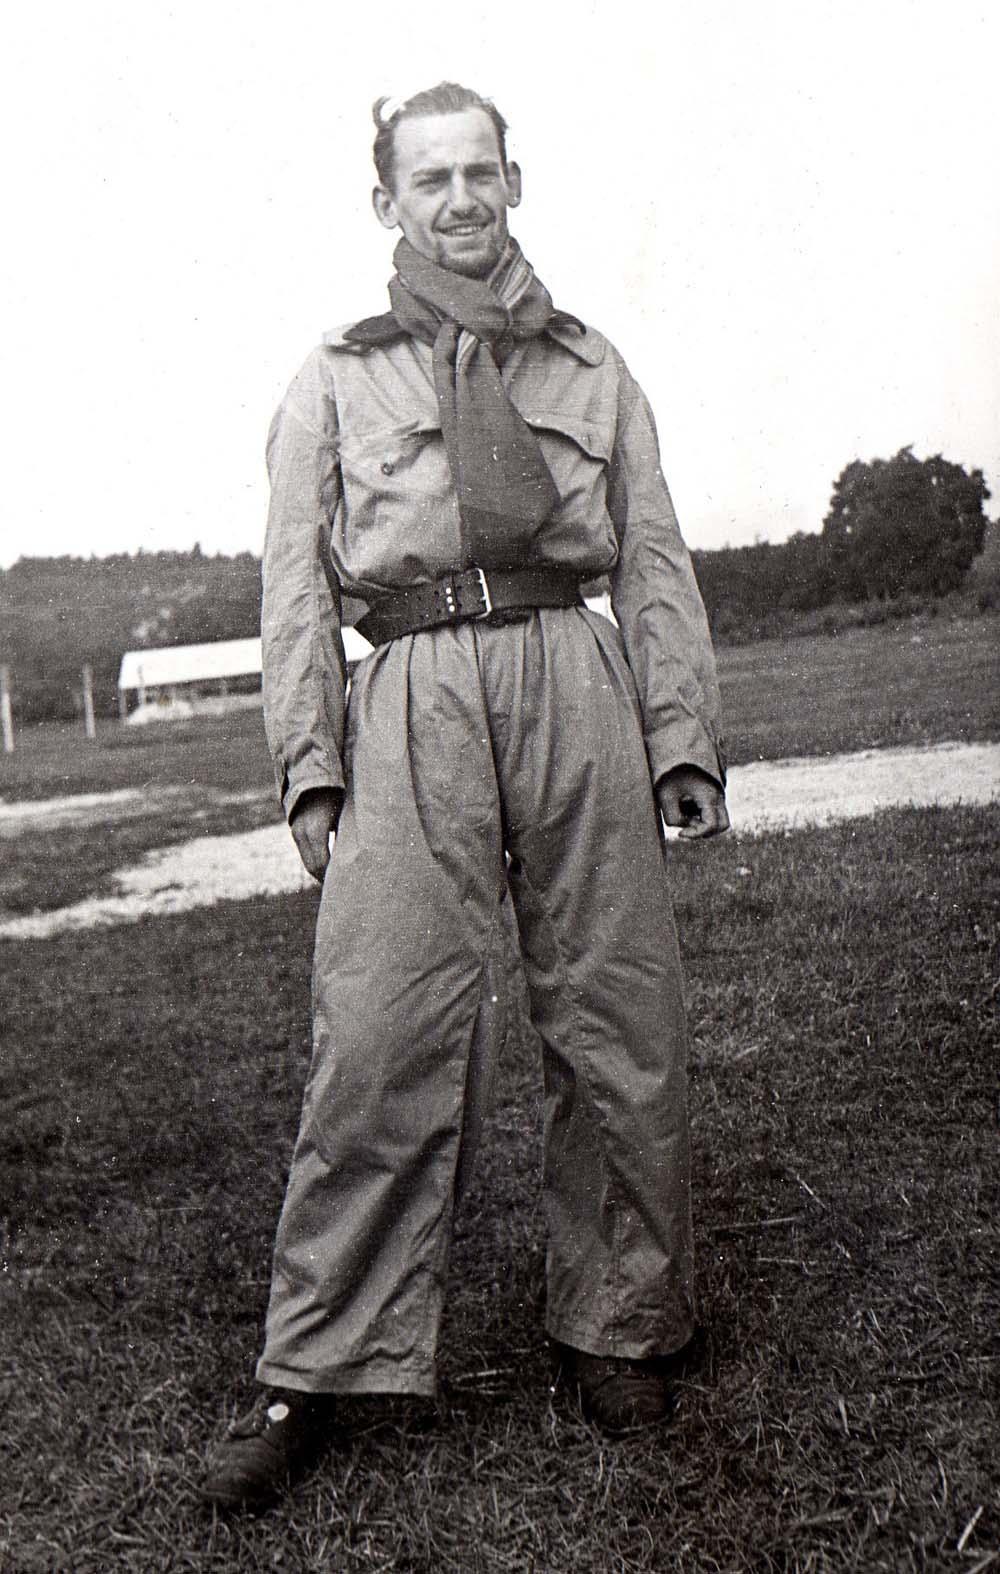 Paul-Henri Détrie, moniteur au camp de vacances Renault de Saint-Pierre-lès-Nemours, en 1942 © Paul-Henri Détrie